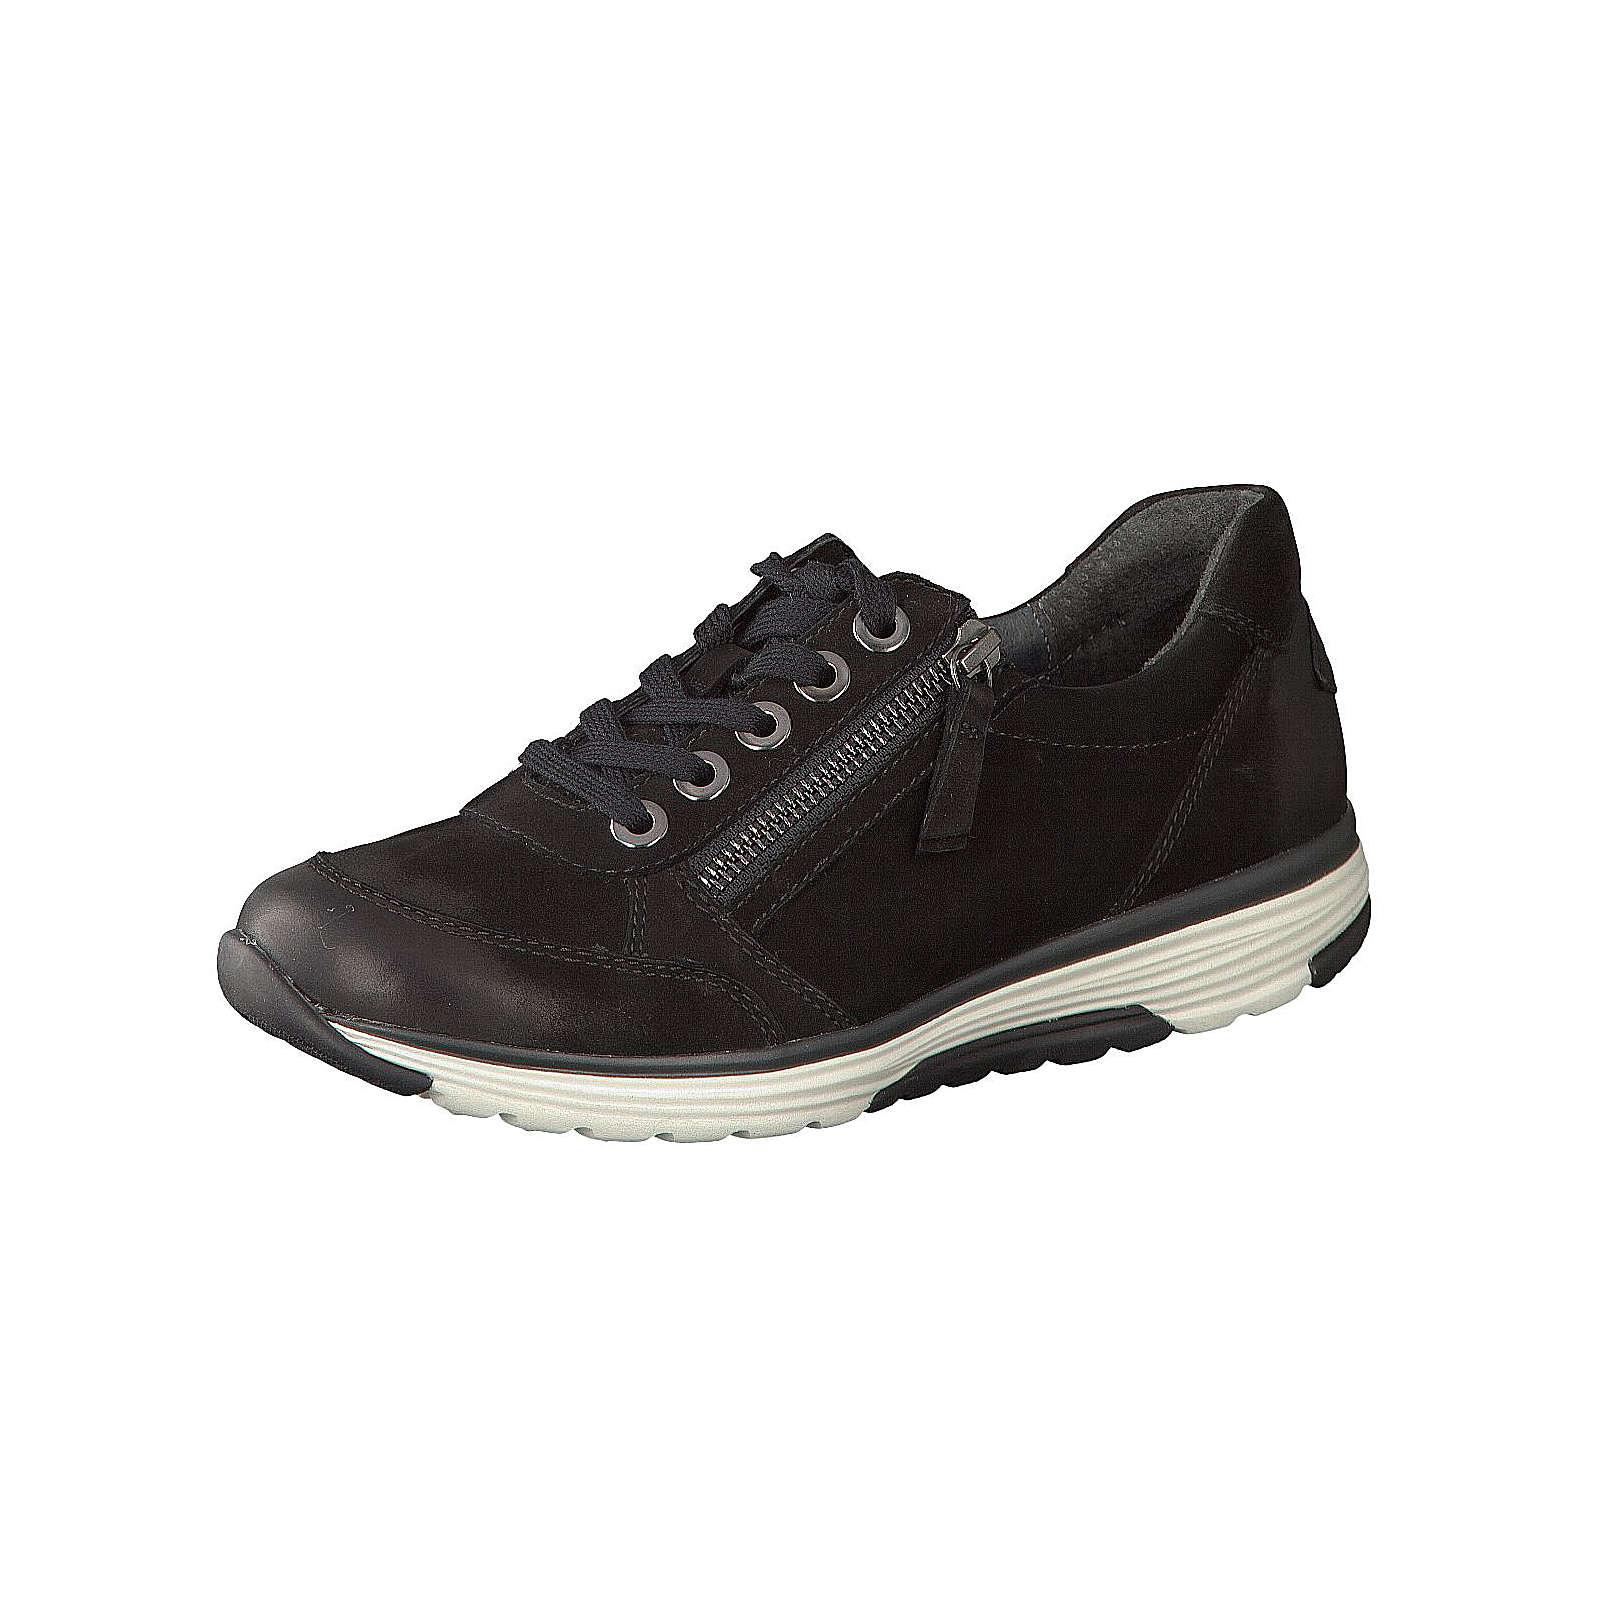 Gabor Sneakers Low schwarz Damen Gr. 38